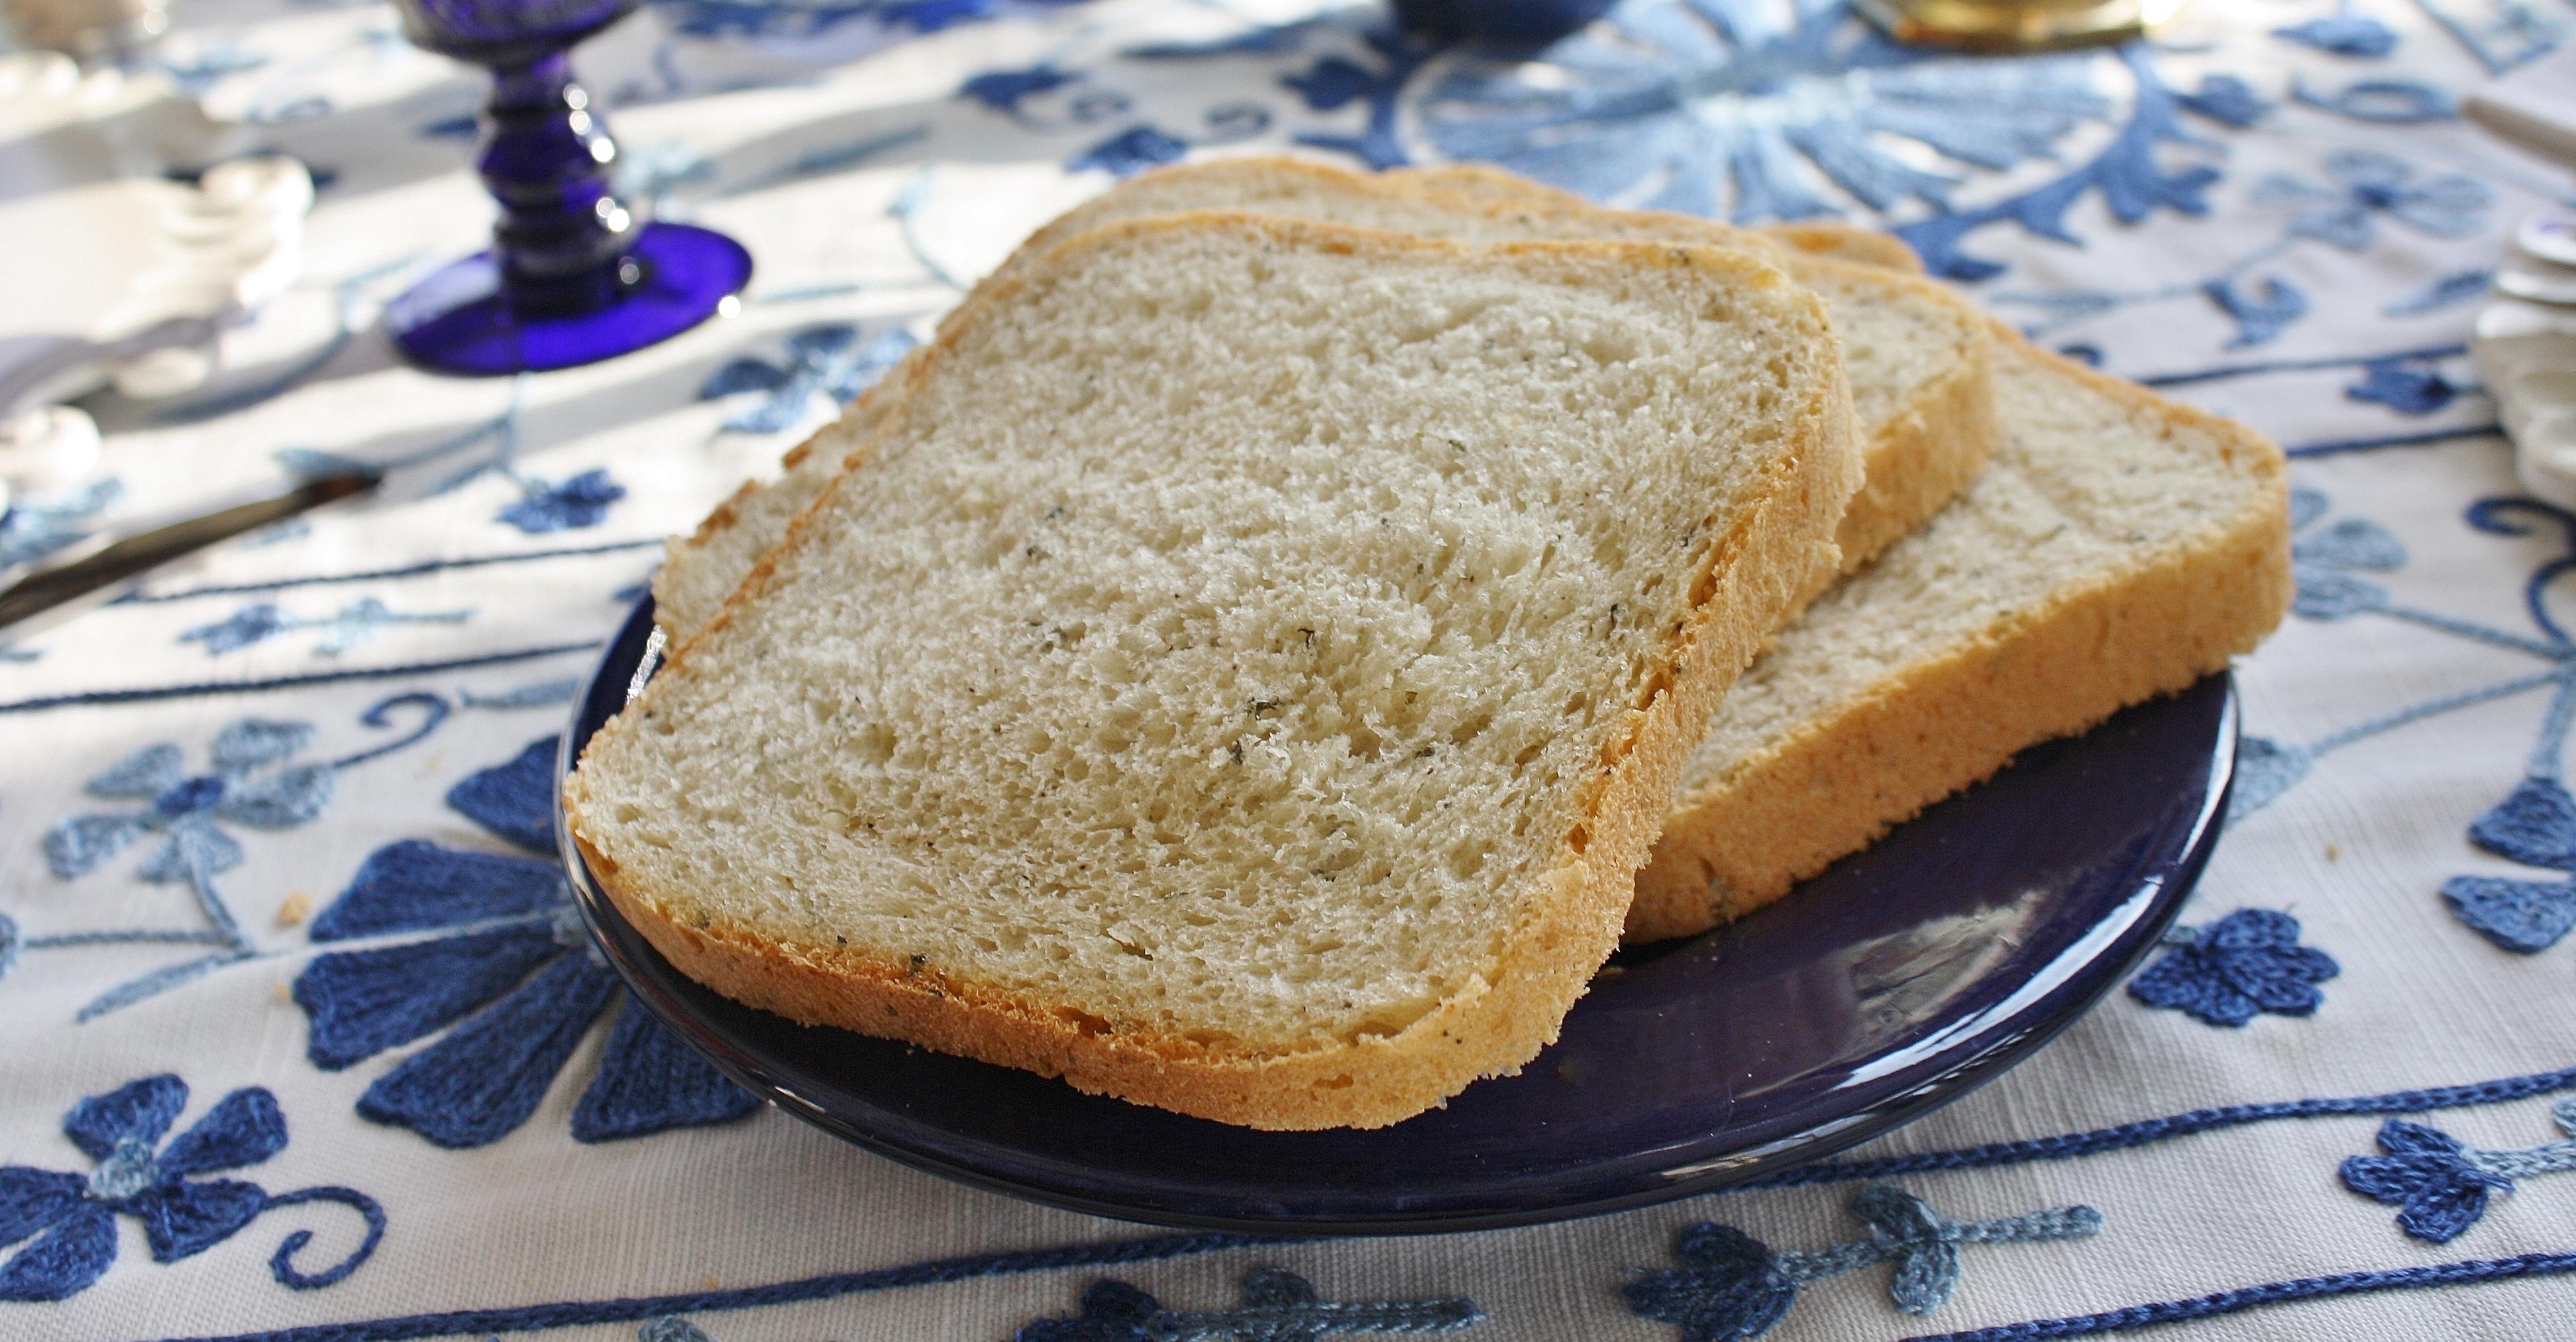 Garlic Bread naples34102